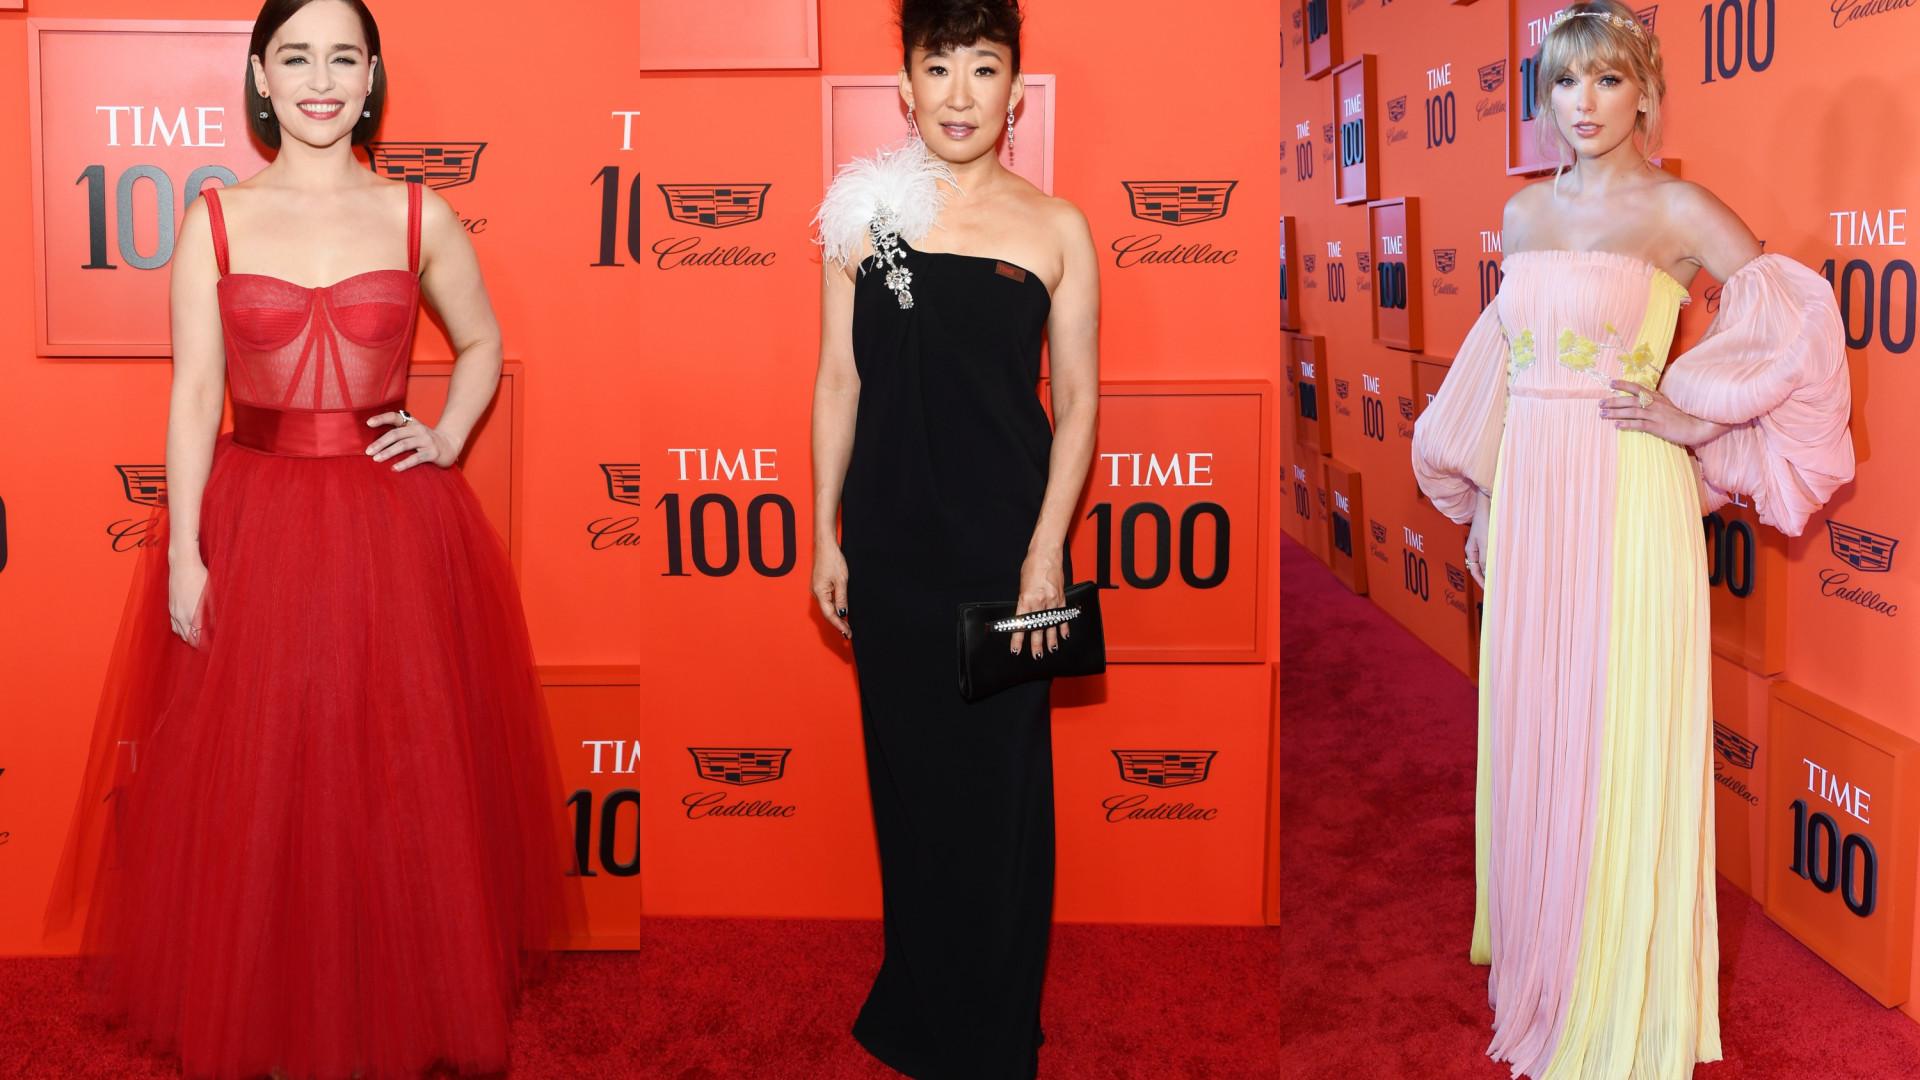 c4032c399a  Time 100   Celebridades reunidas para noite de glamour